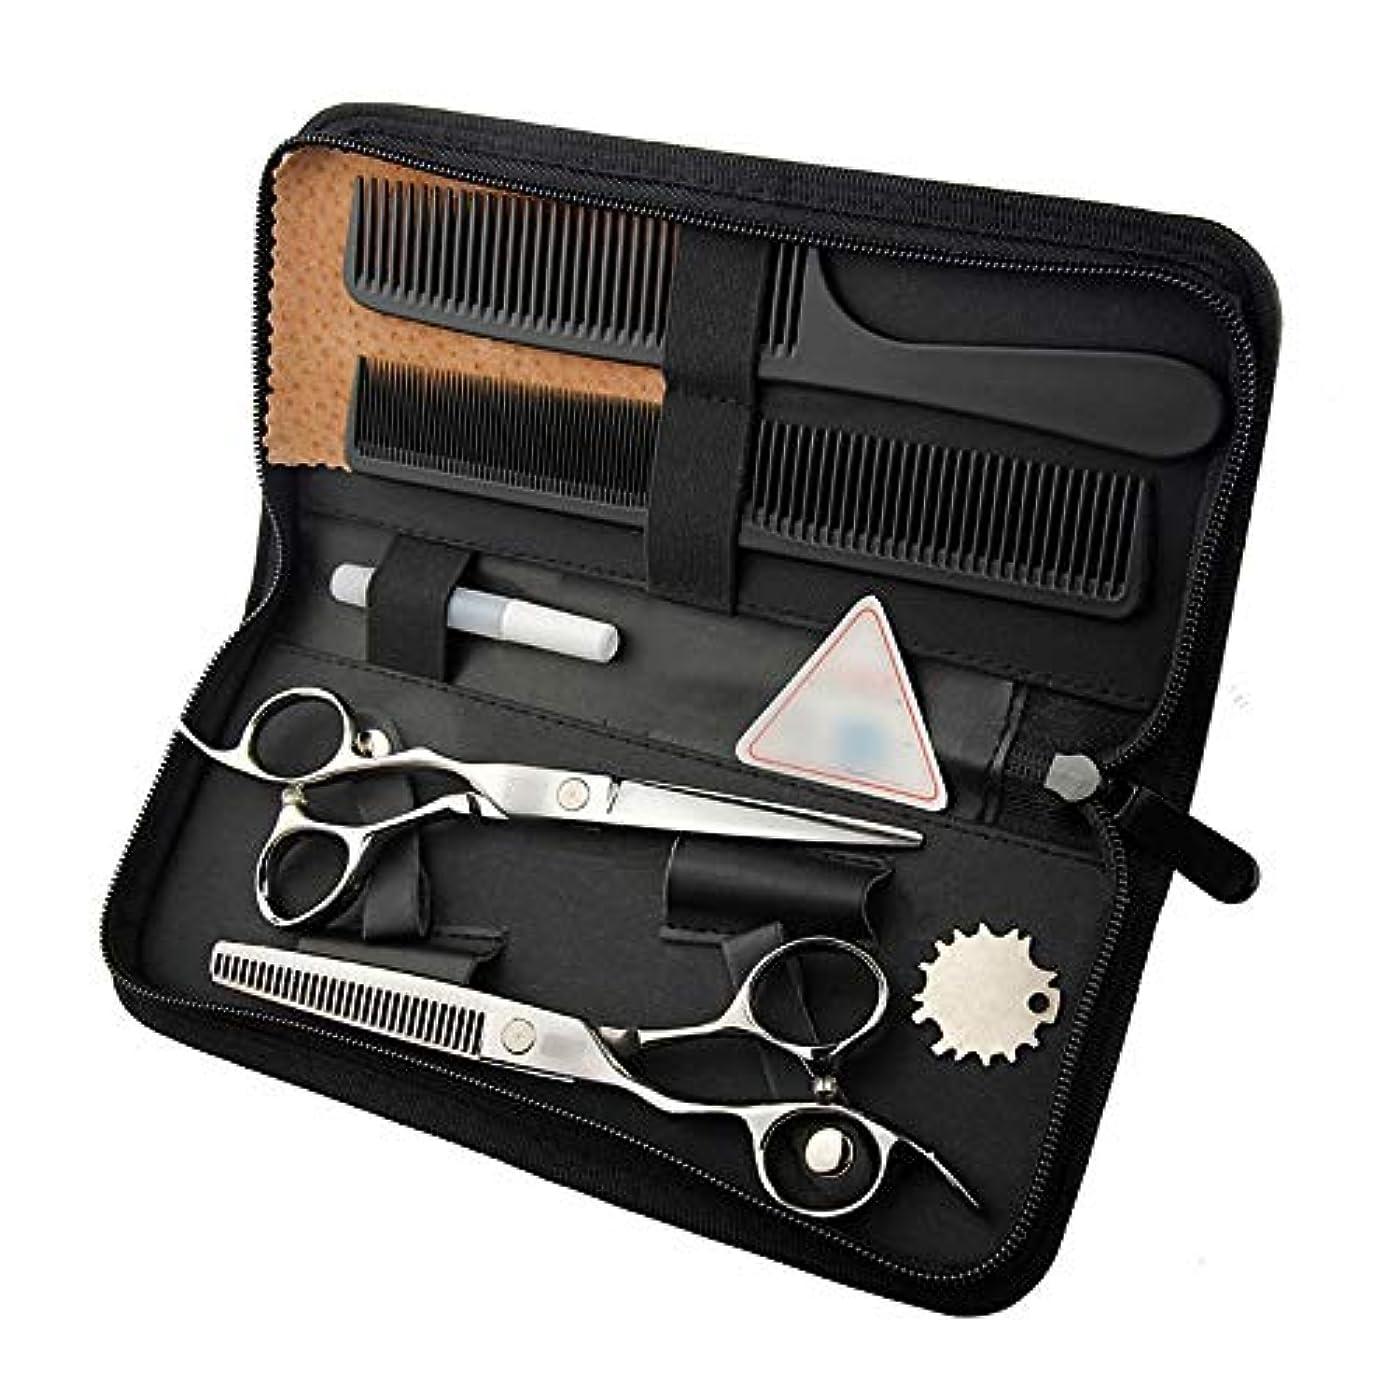 忠誠旧正月シュリンク6インチ美容院プロのヘアカットフラットシザー+歯シザー ヘアケア (色 : Silver)